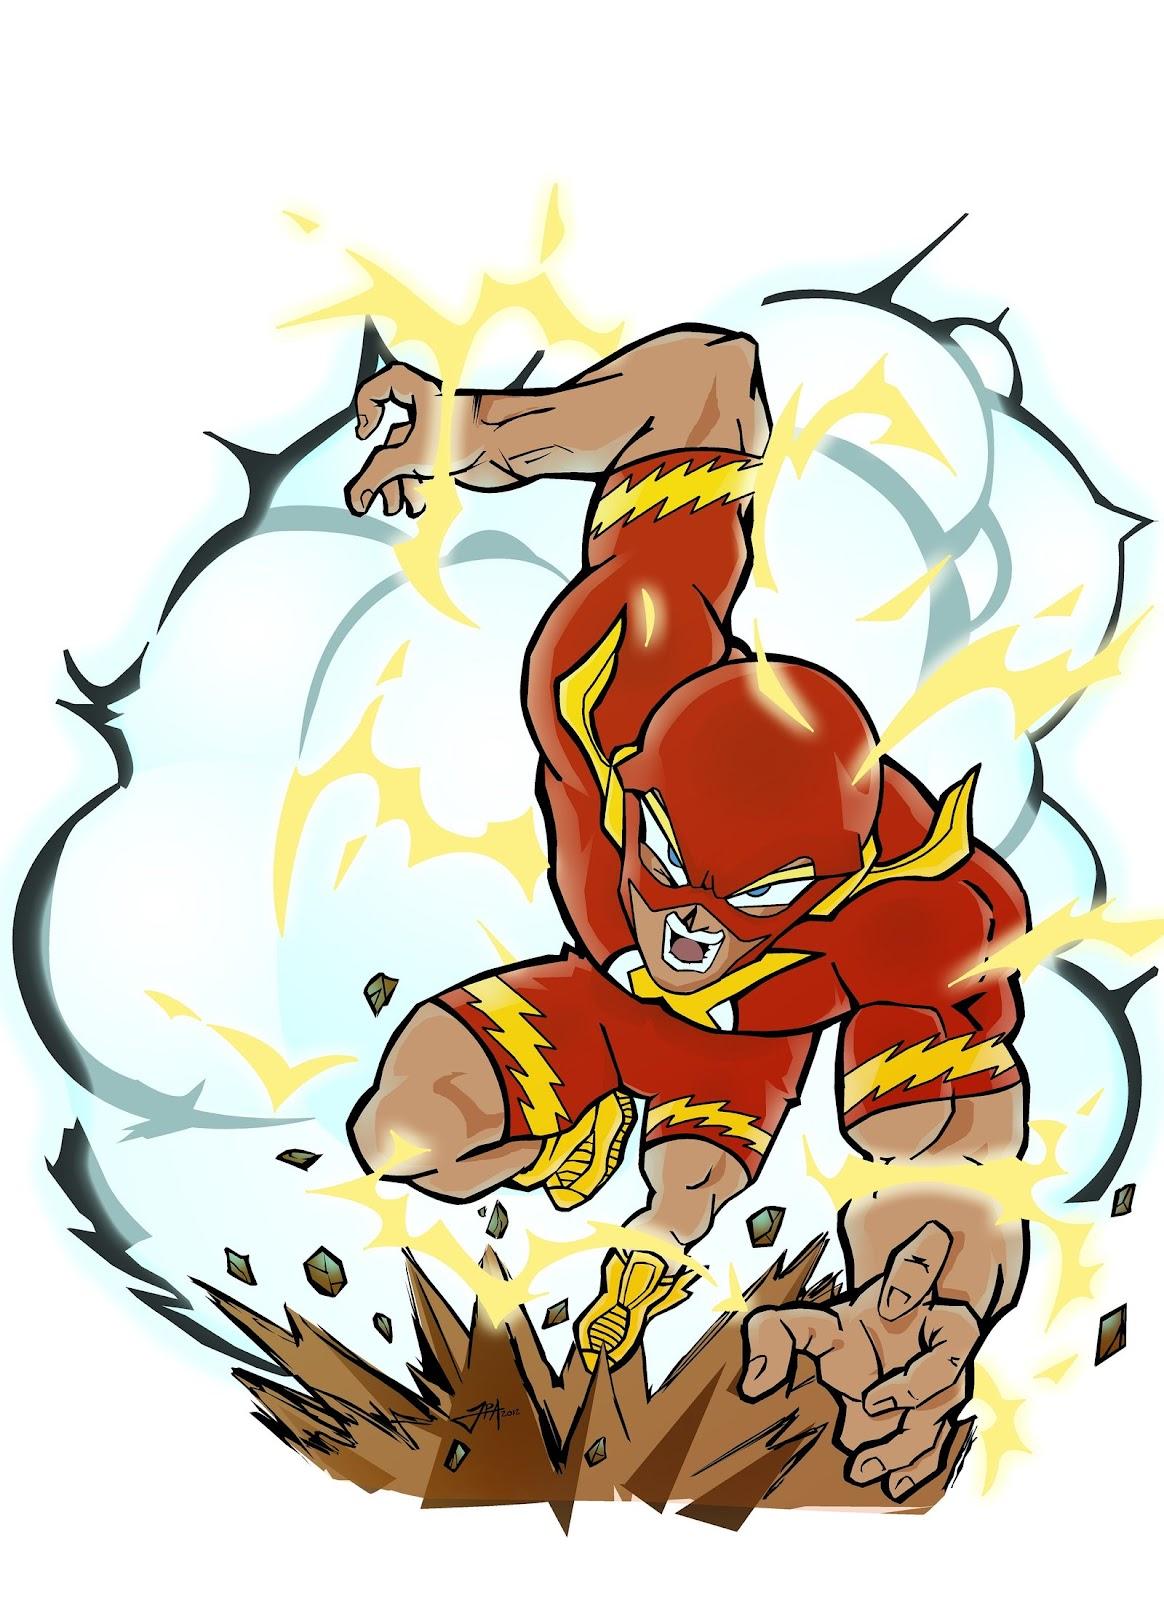 the flash, superheroe manga, fan art, akira toriyama, dibujo